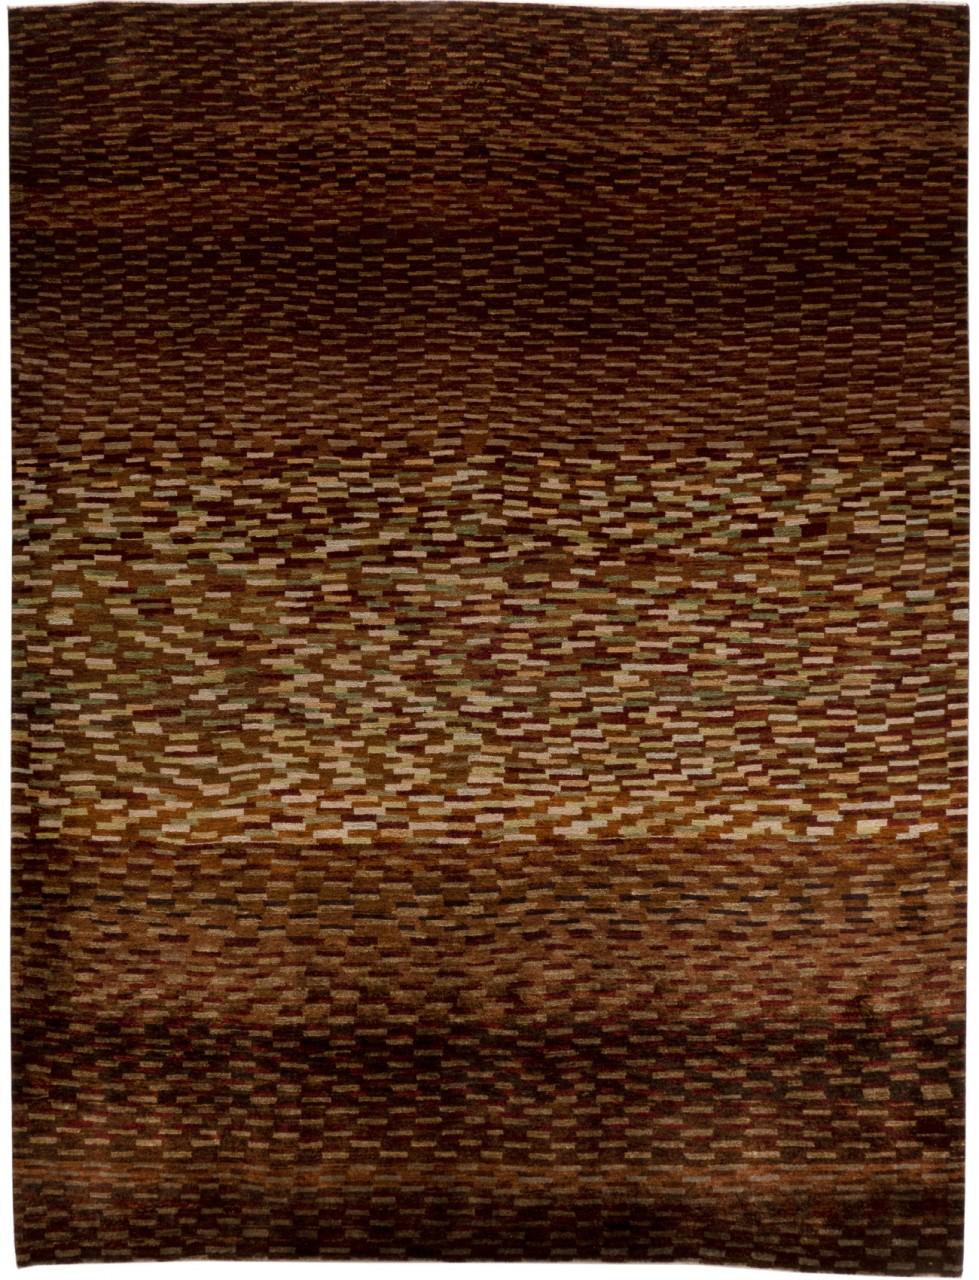 Iran Gabbeh Teppich-Unikat Kieselsteinchen